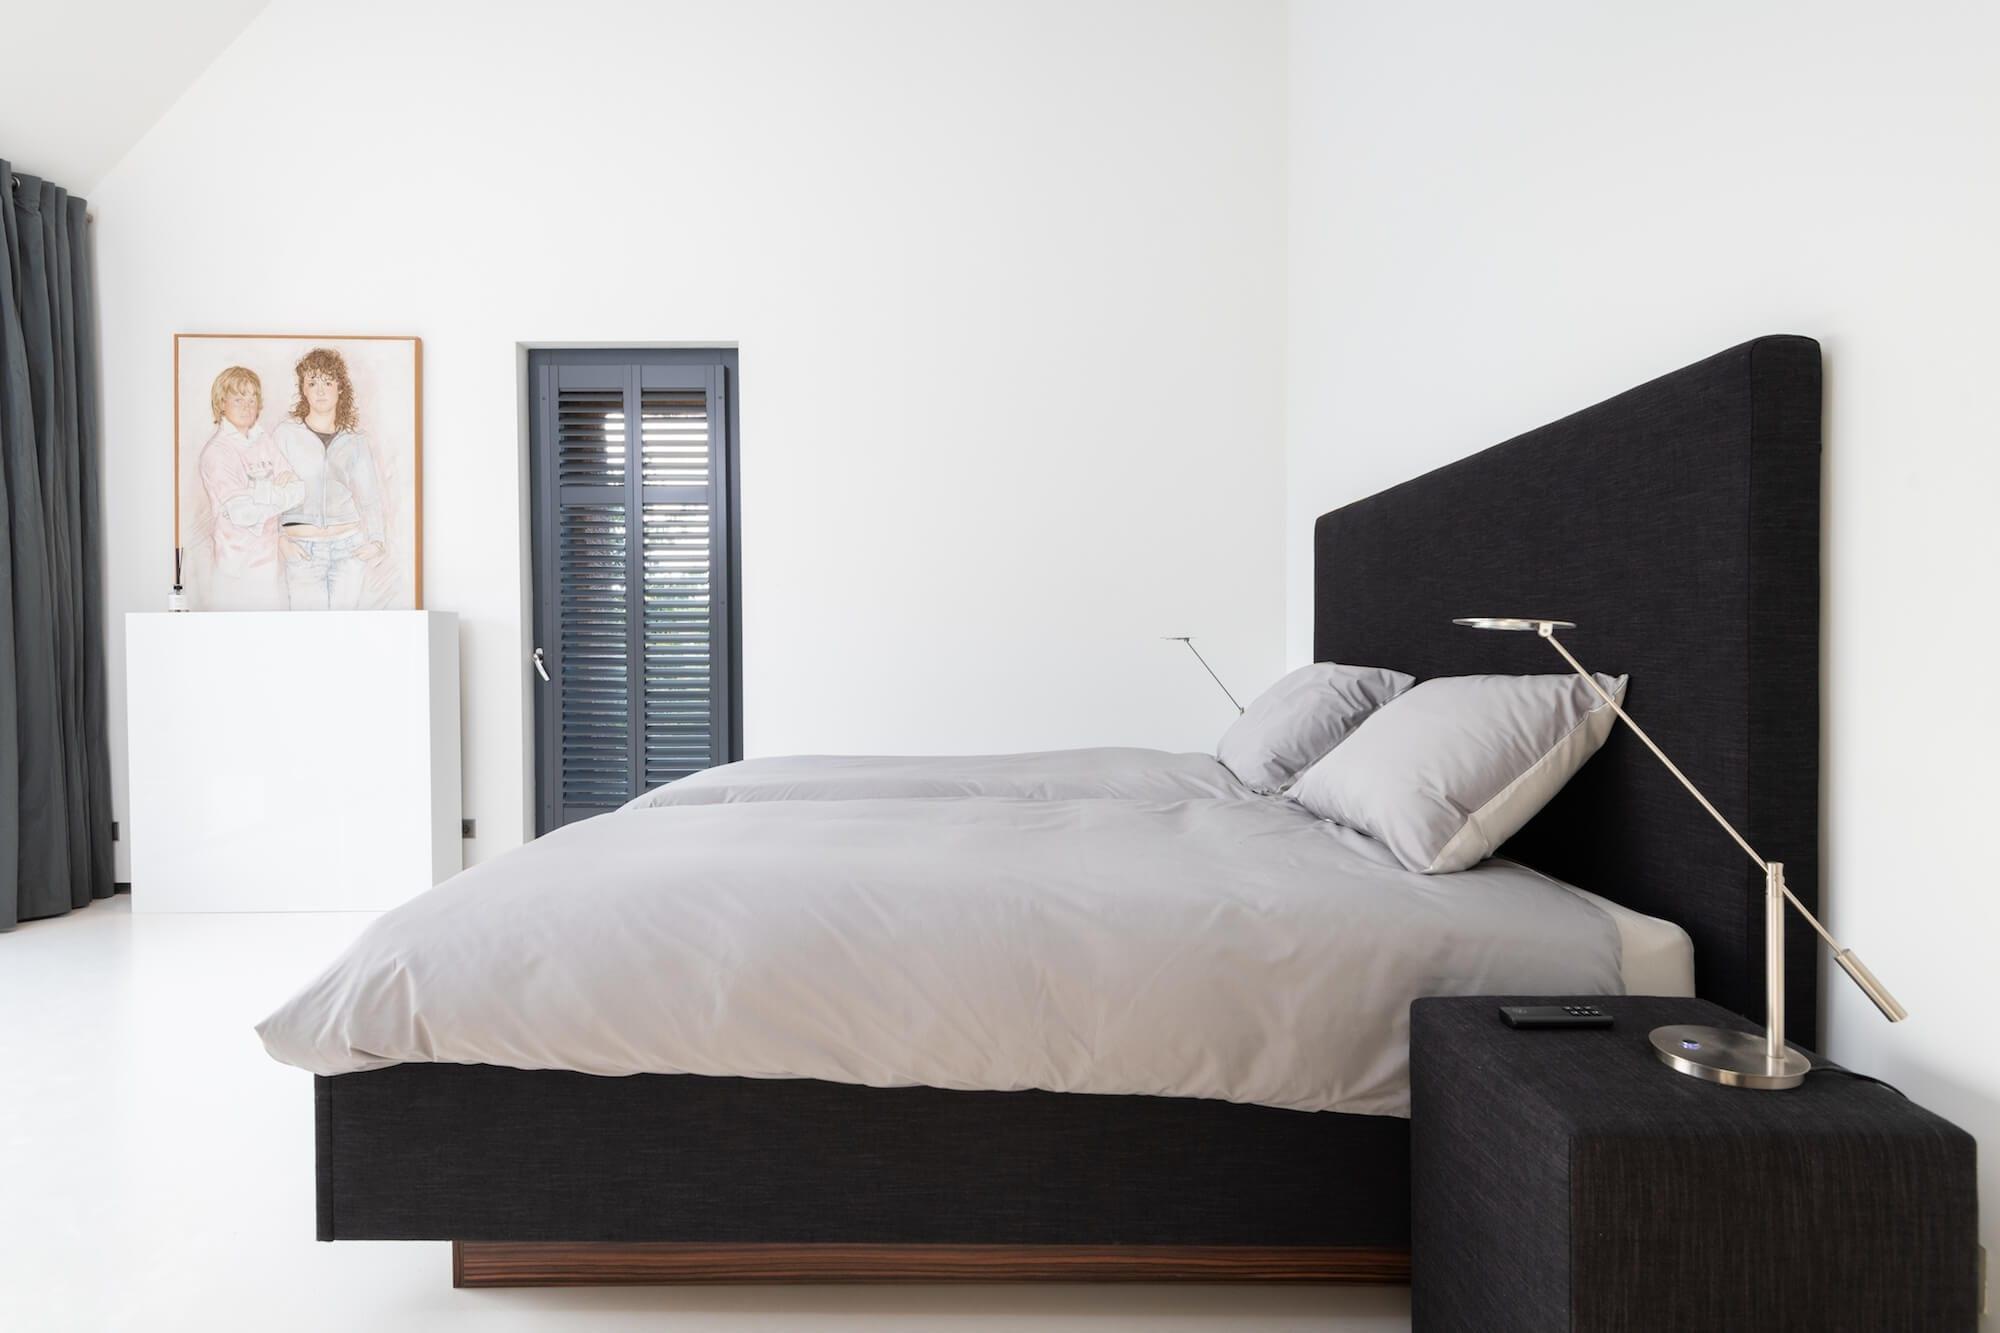 Kingsize design bed